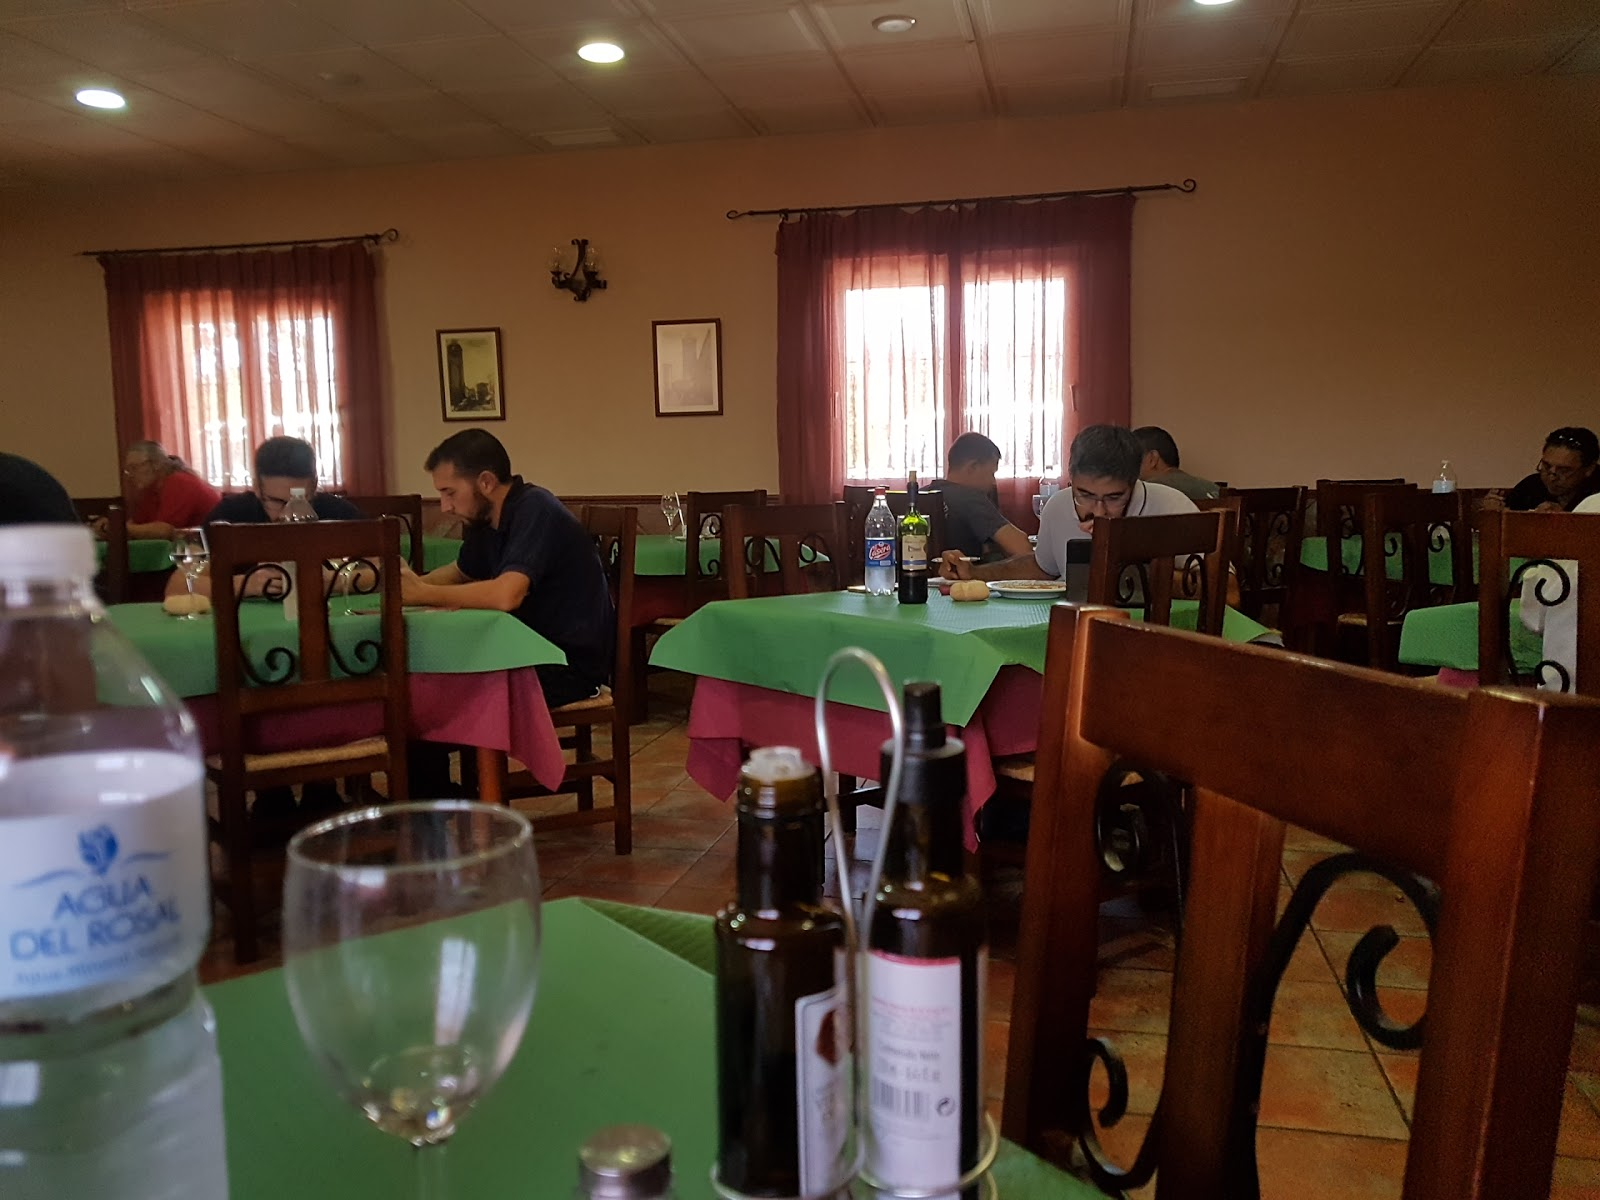 Restaurante Maritornes